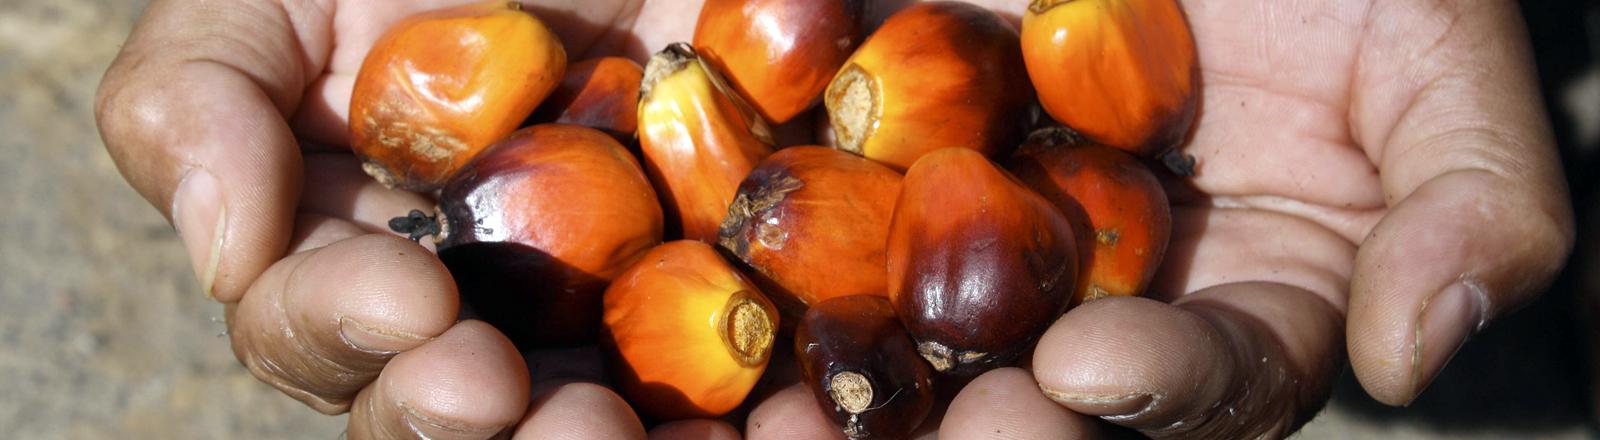 Palmöl-Kerne in der Hand eines Mannes.